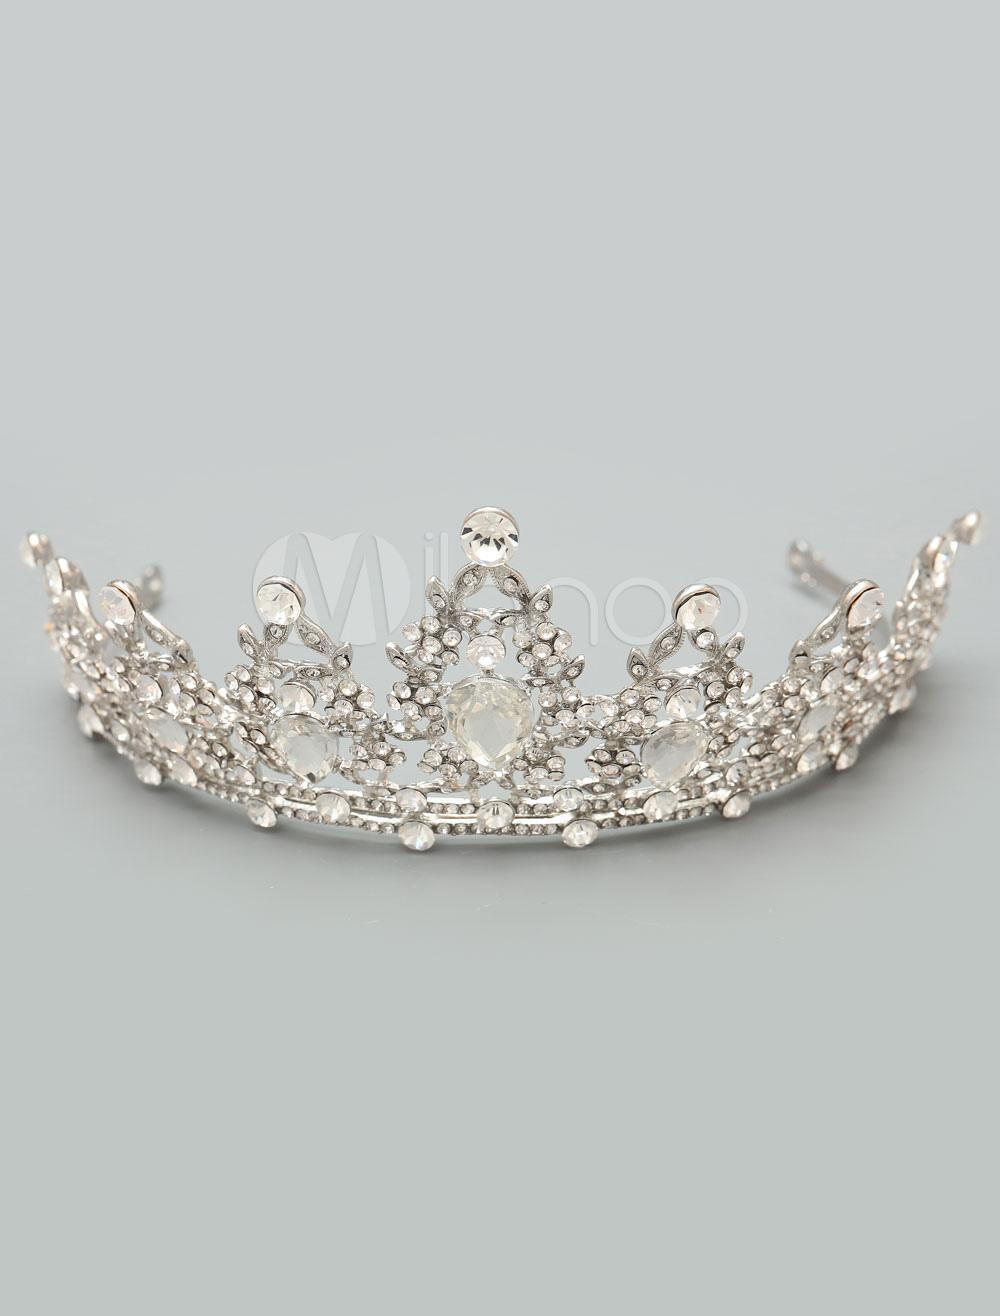 Buy Wedding Tiara Crown Silver Headpieces Rhinestones Bridal Hair Accessories for $30.68 in Milanoo store